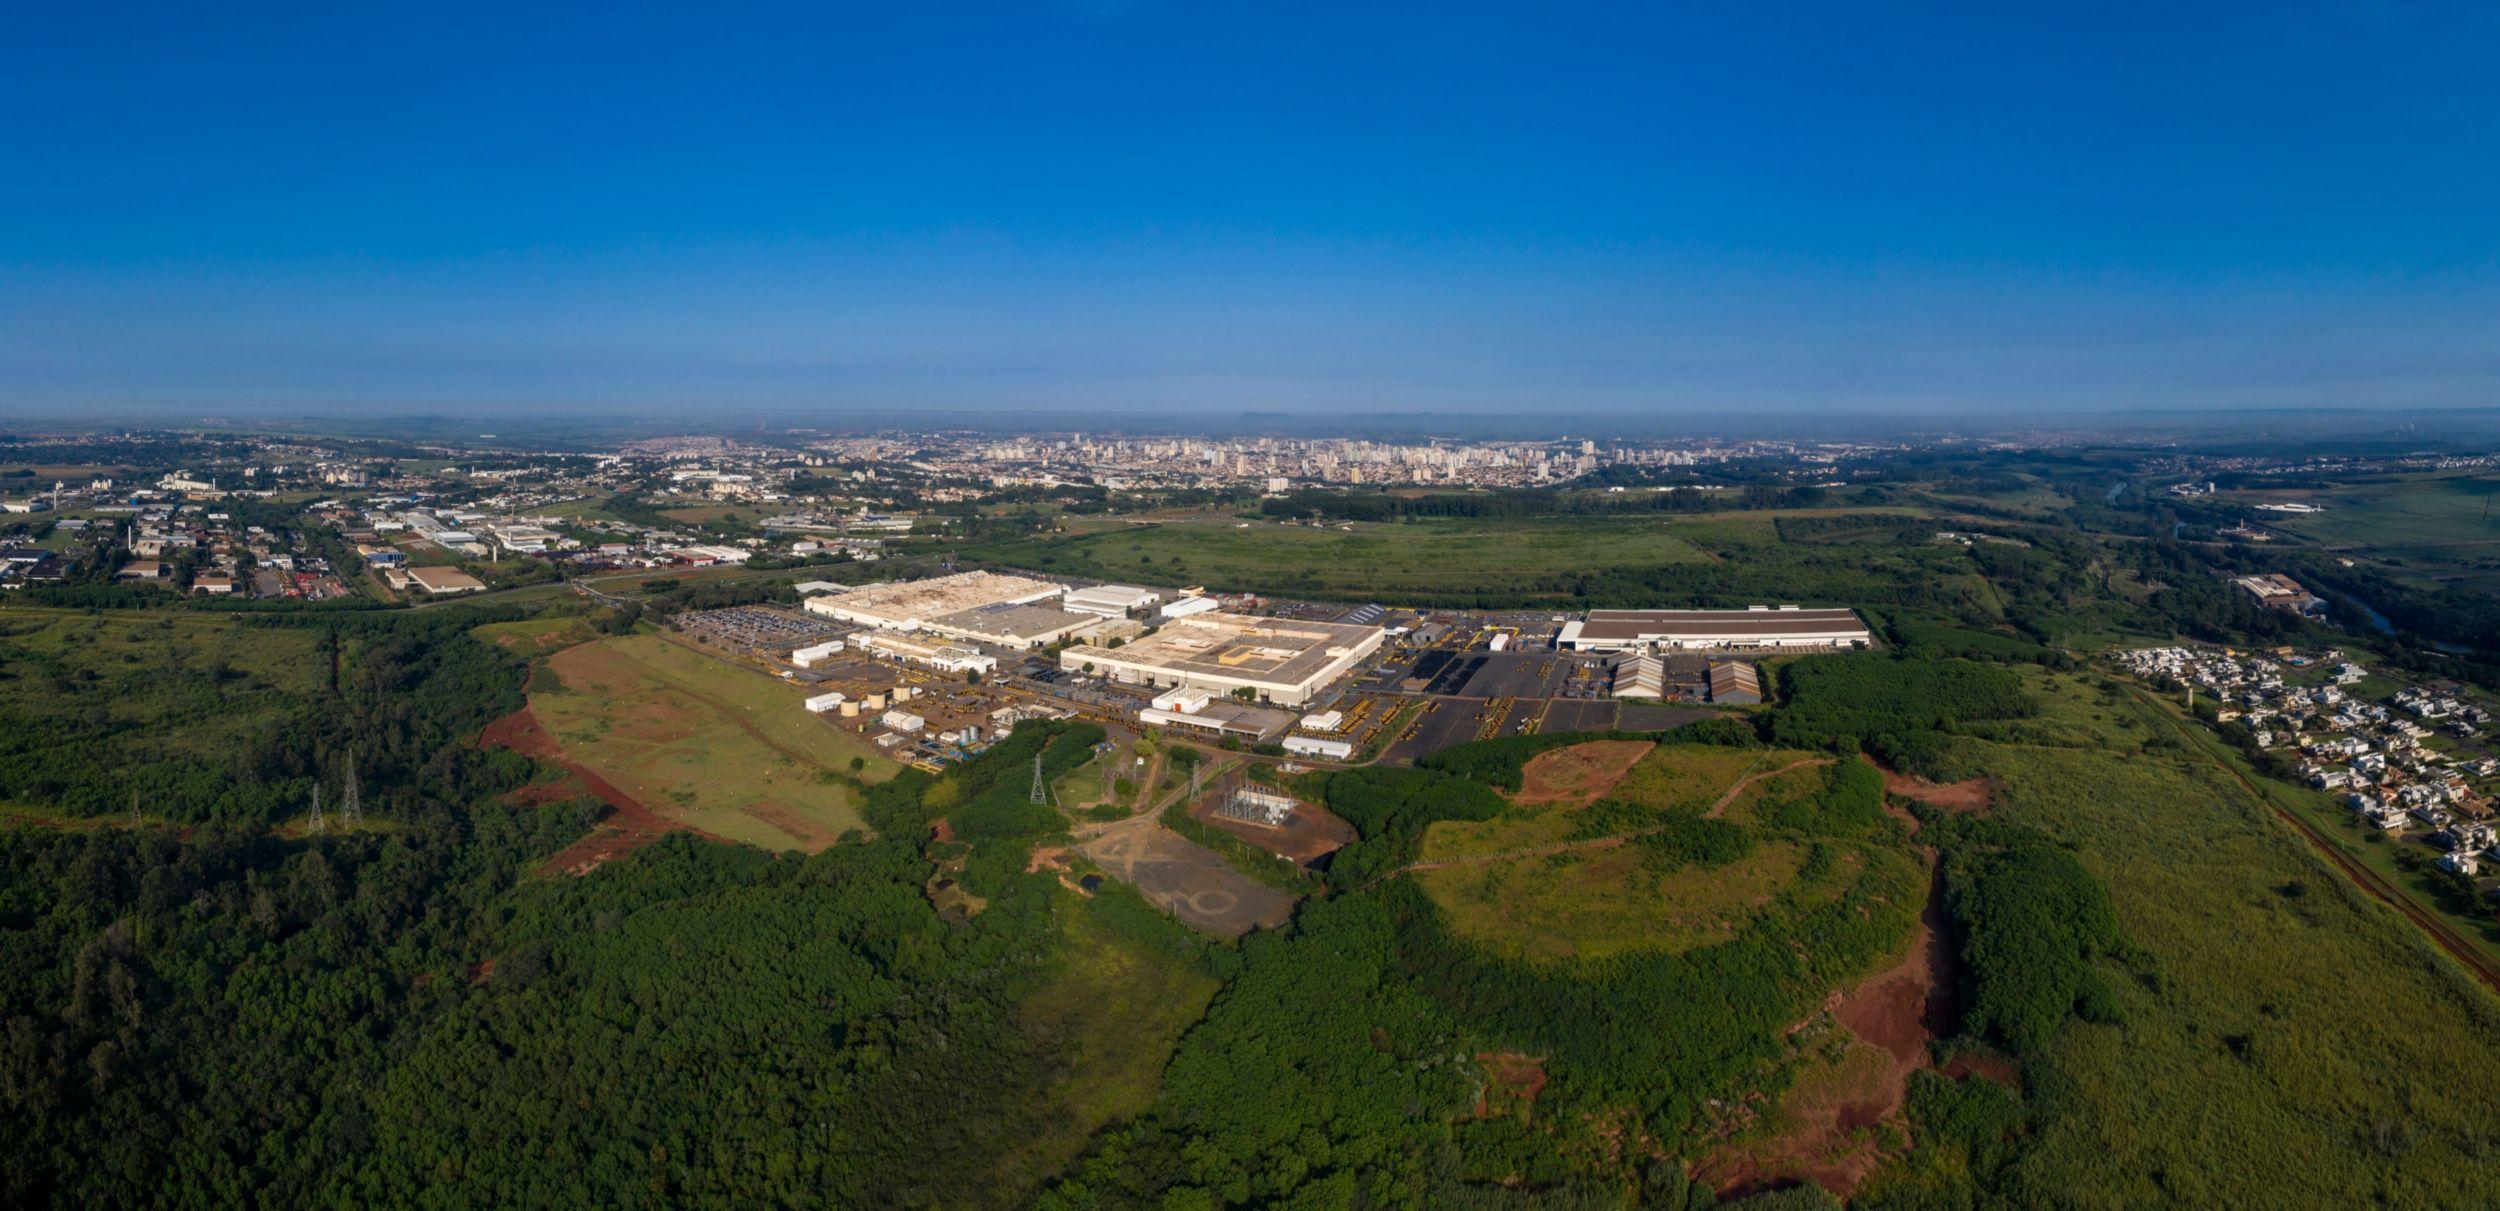 Fábrica da Caterpillar em Piracicaba, SP